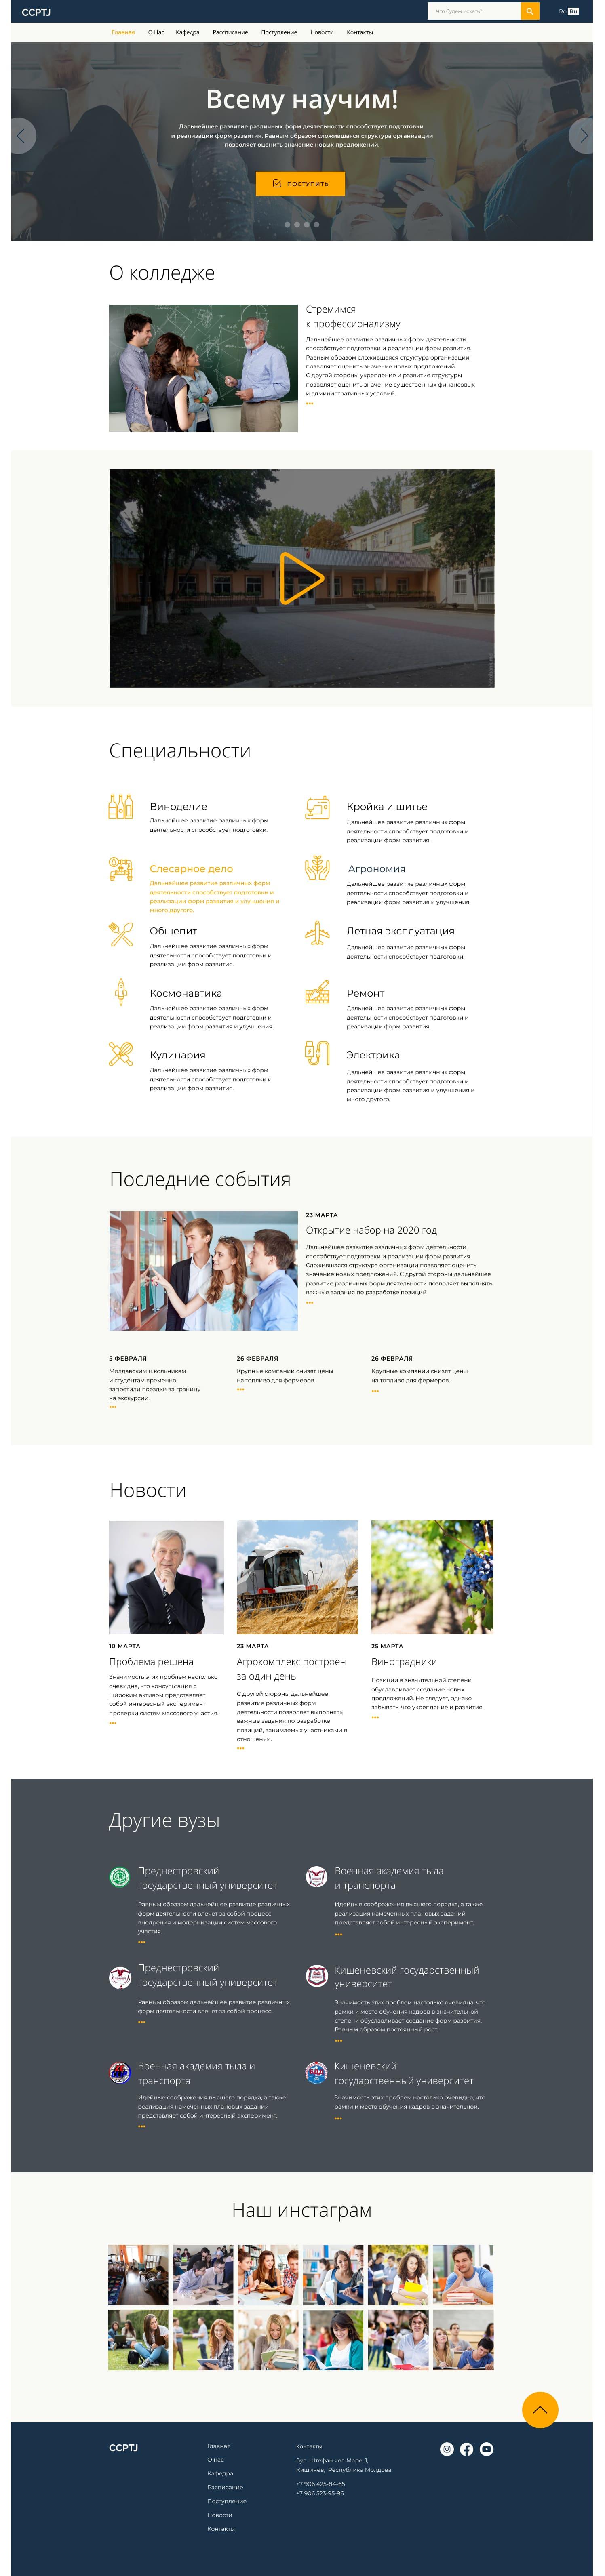 Разработка дизайна сайта колледжа фото f_7065e5e27f7aeba7.jpg